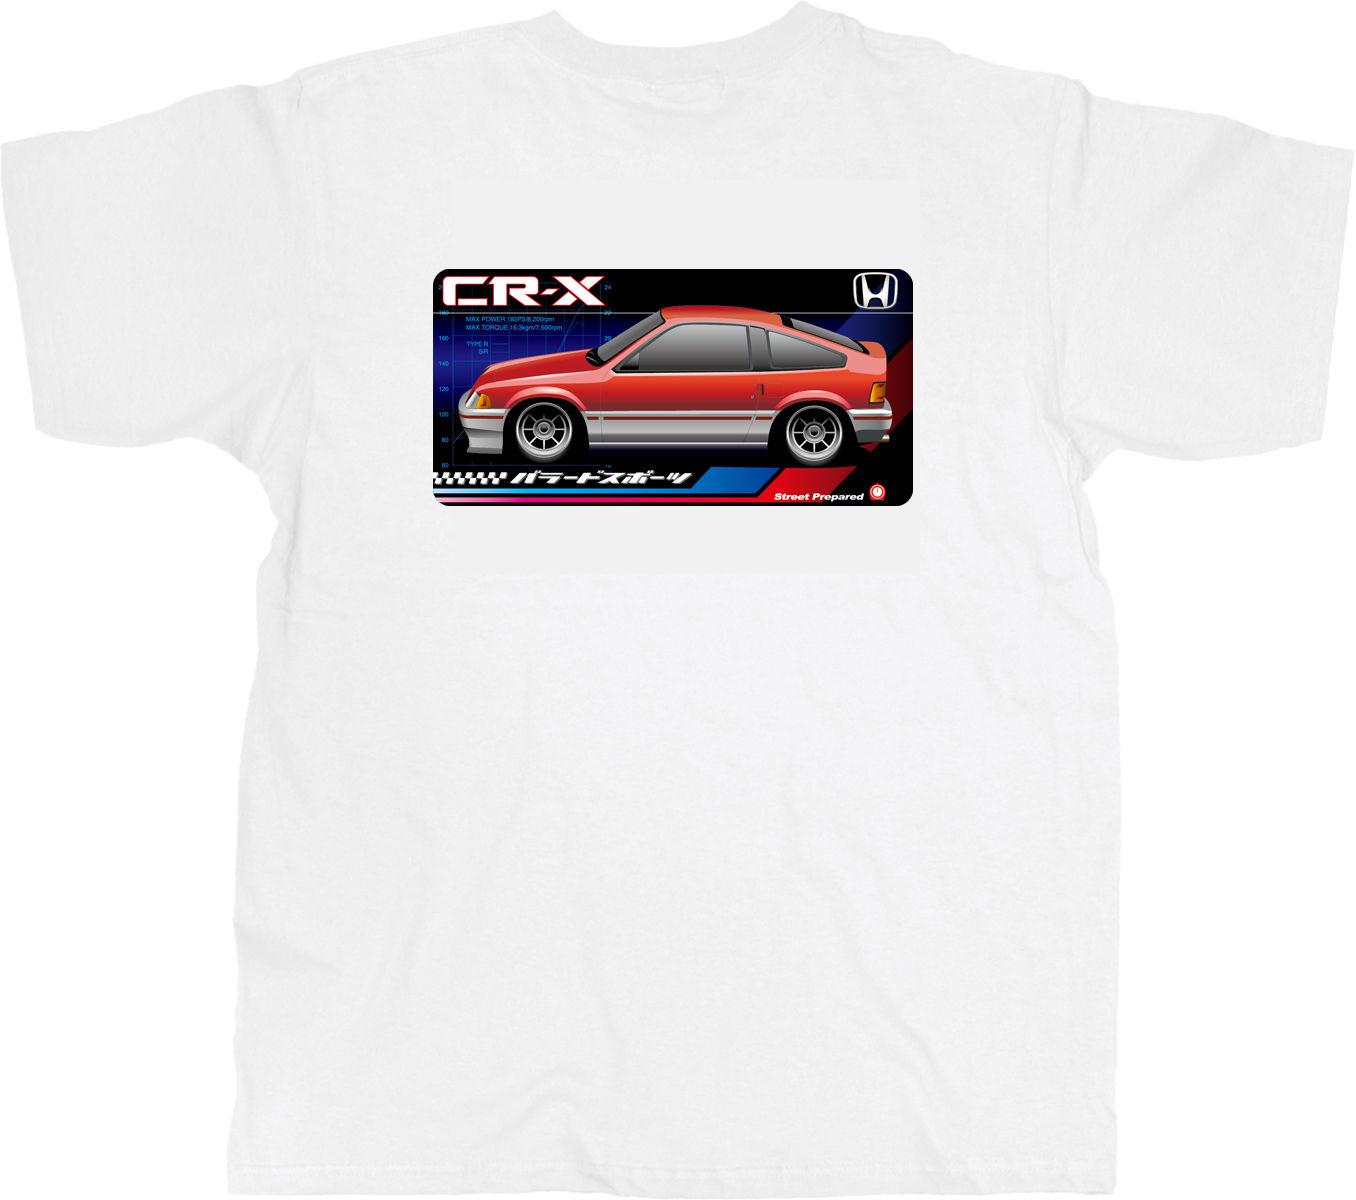 SP025 CR-X T-shirt